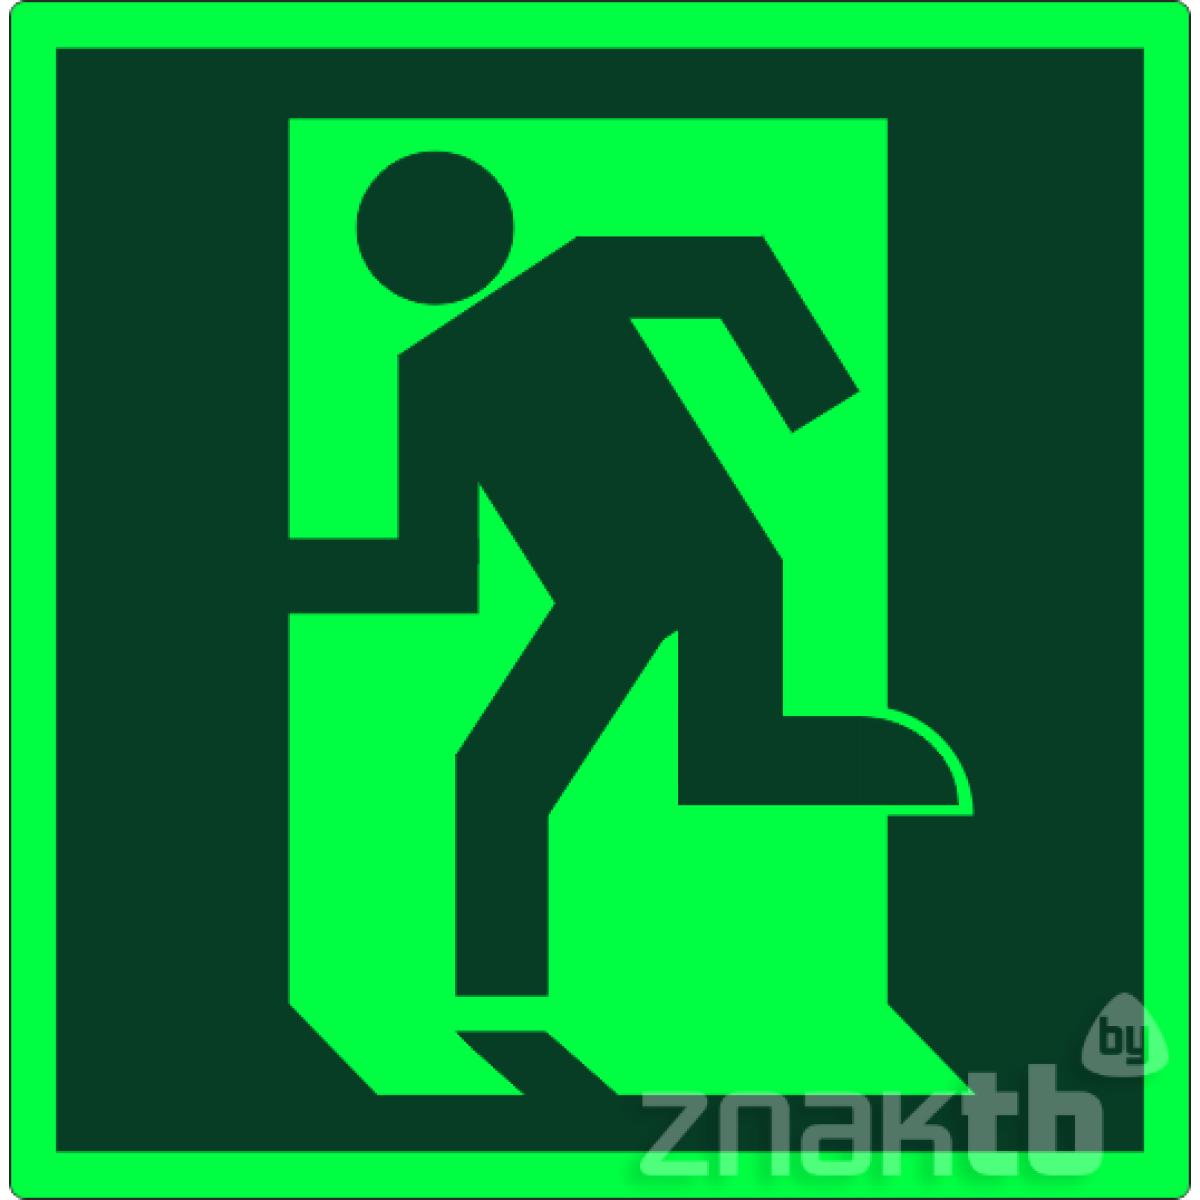 021 Знак Дверь эвакуационного выхода (открывающаяся с левой стороны) фотолюм. код Е01-01